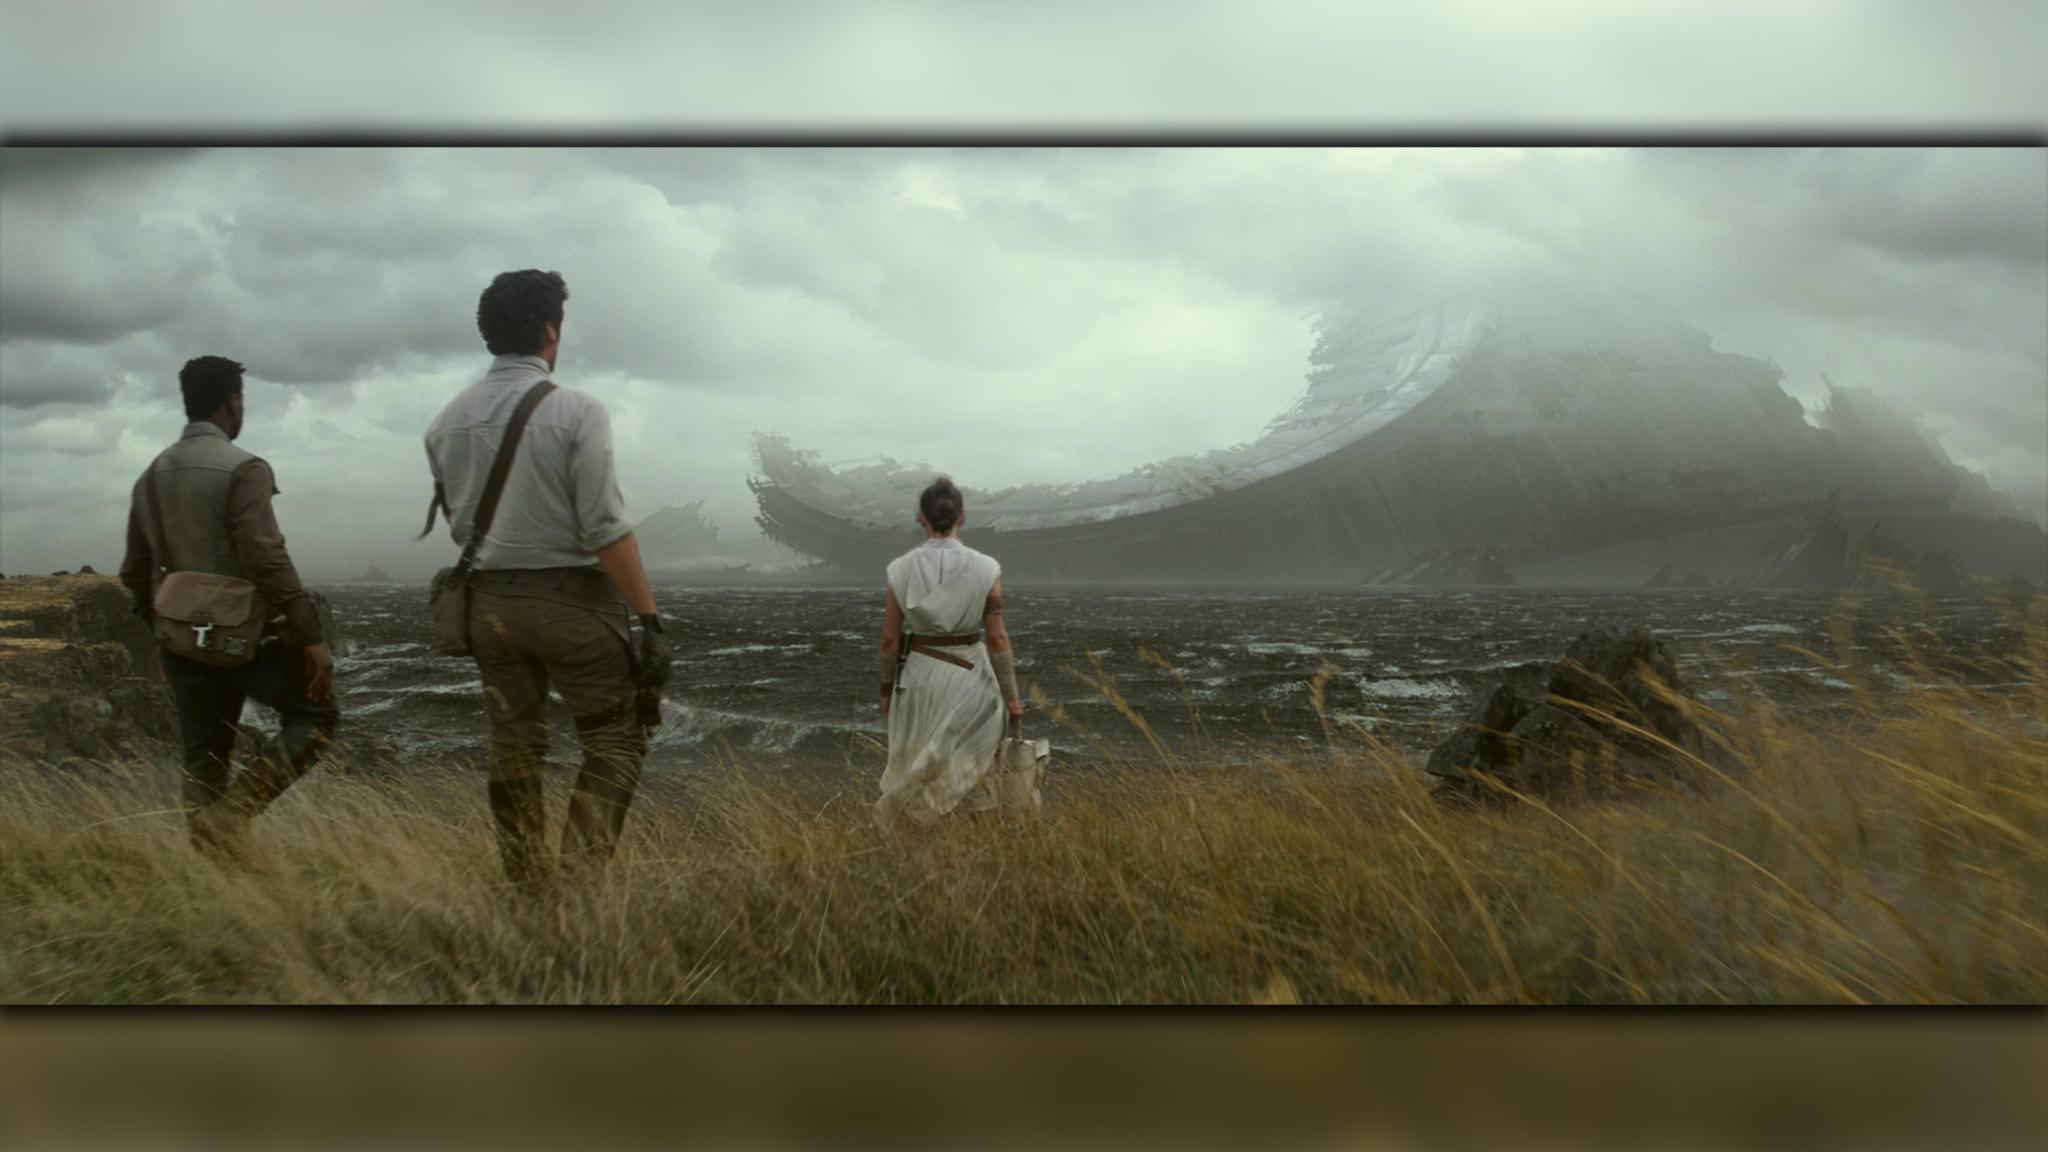 """Der nächste """"Star Wars""""-Film soll 400 Jahre vor der Skywalker-Saga spielen. Welche Charaktere sehen wir wieder?"""